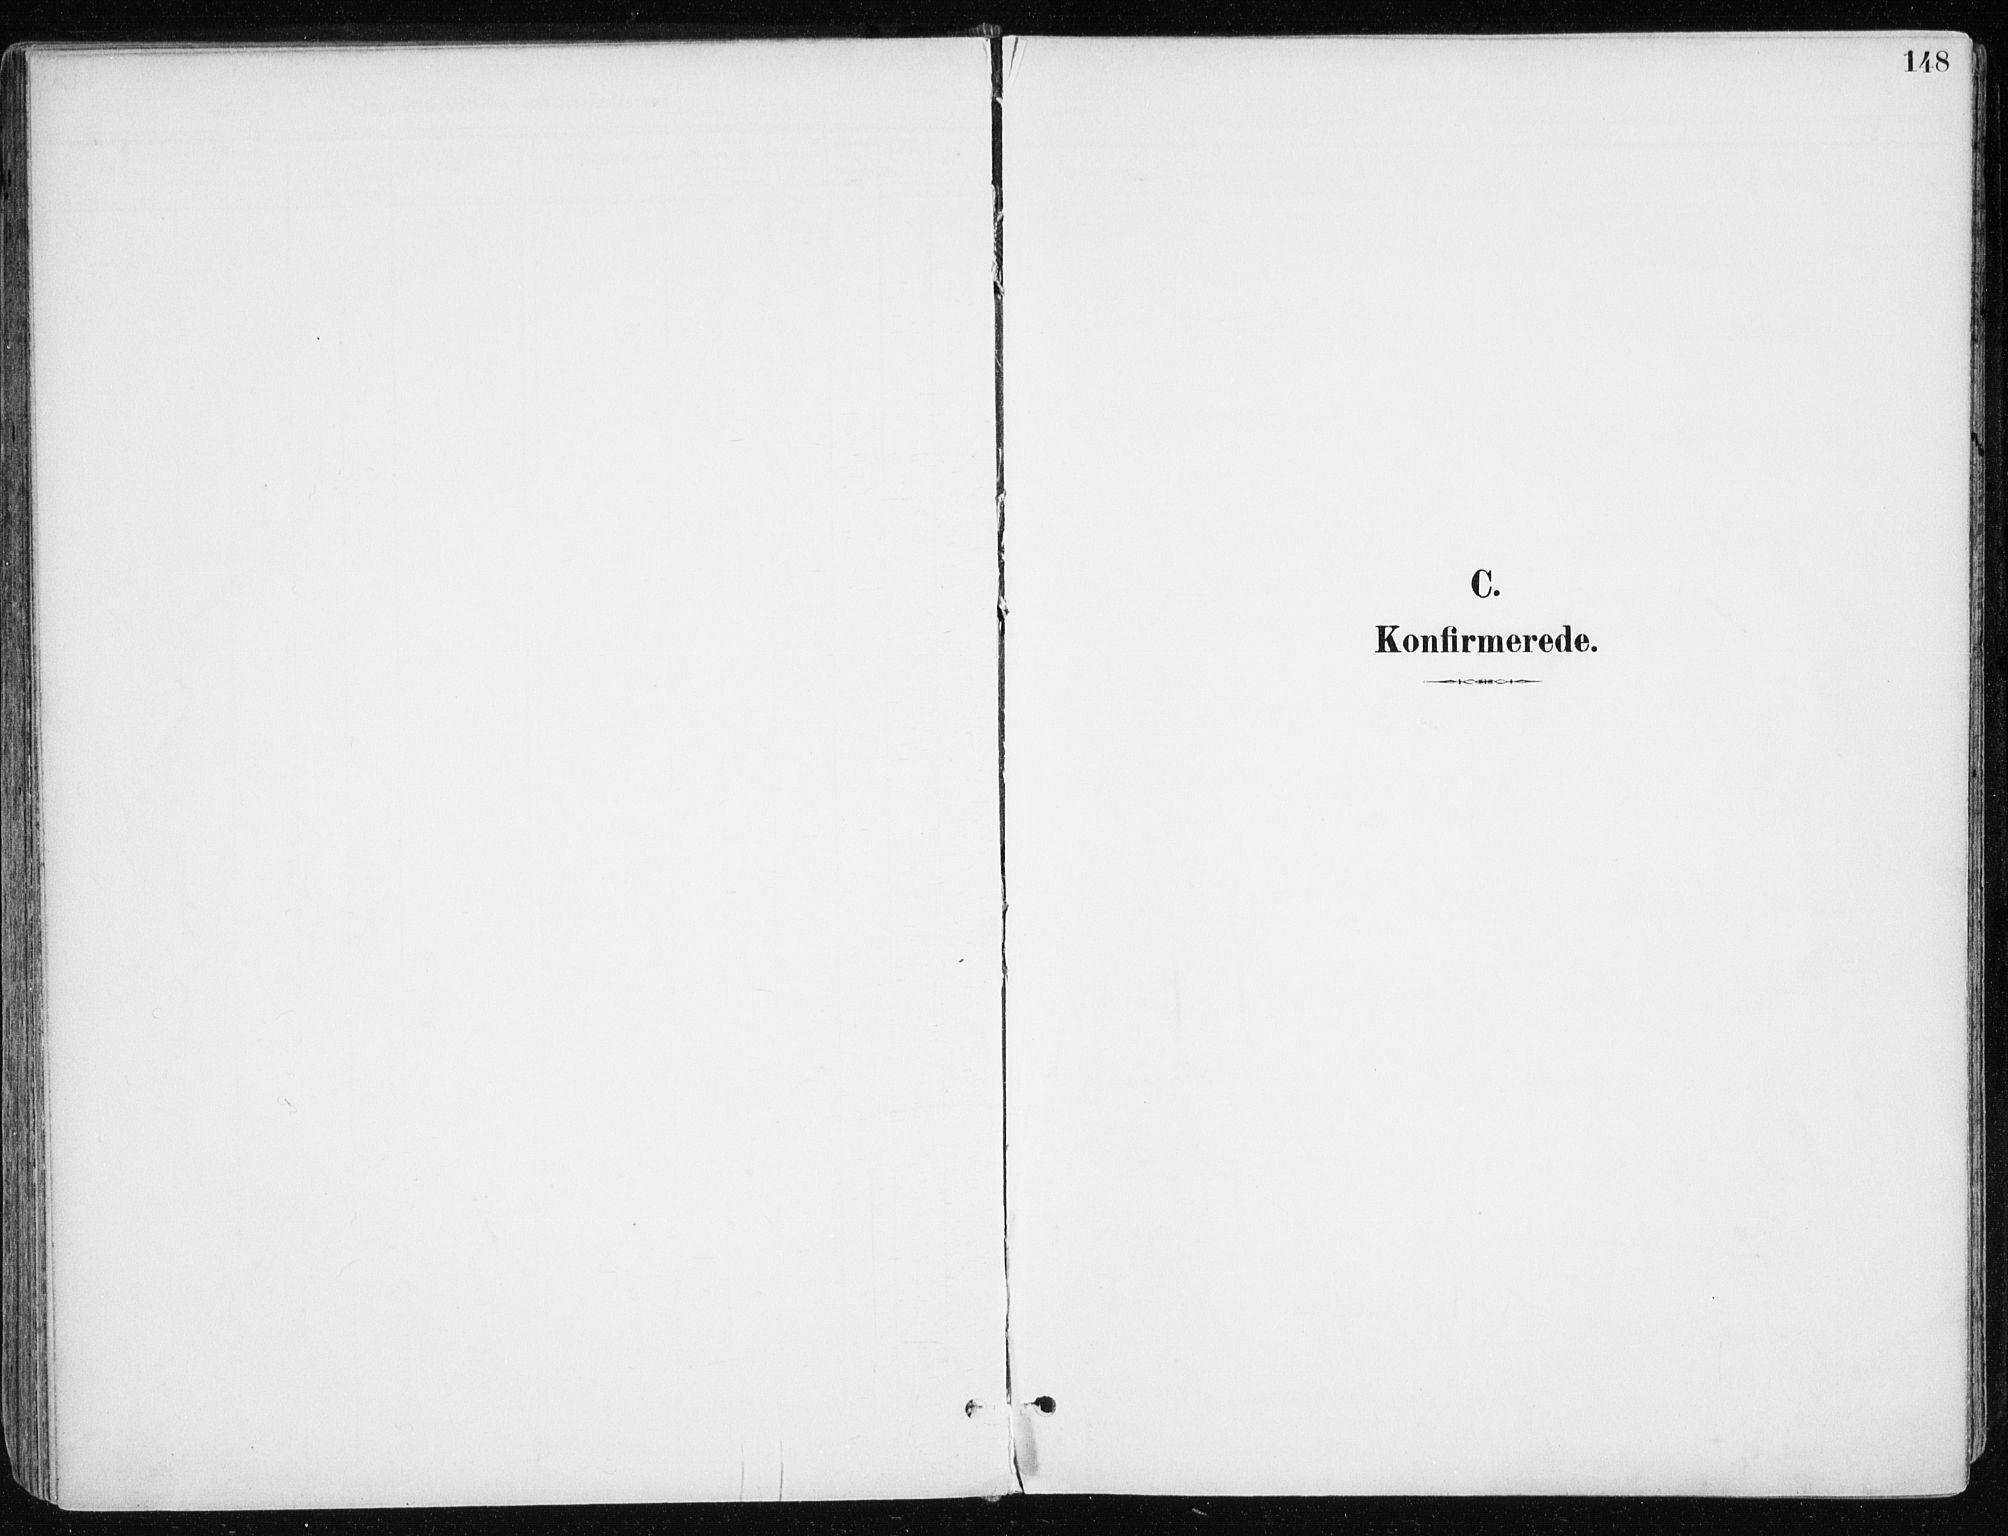 SATØ, Kvæfjord sokneprestkontor, G/Ga/Gaa/L0006kirke: Ministerialbok nr. 6, 1895-1914, s. 148